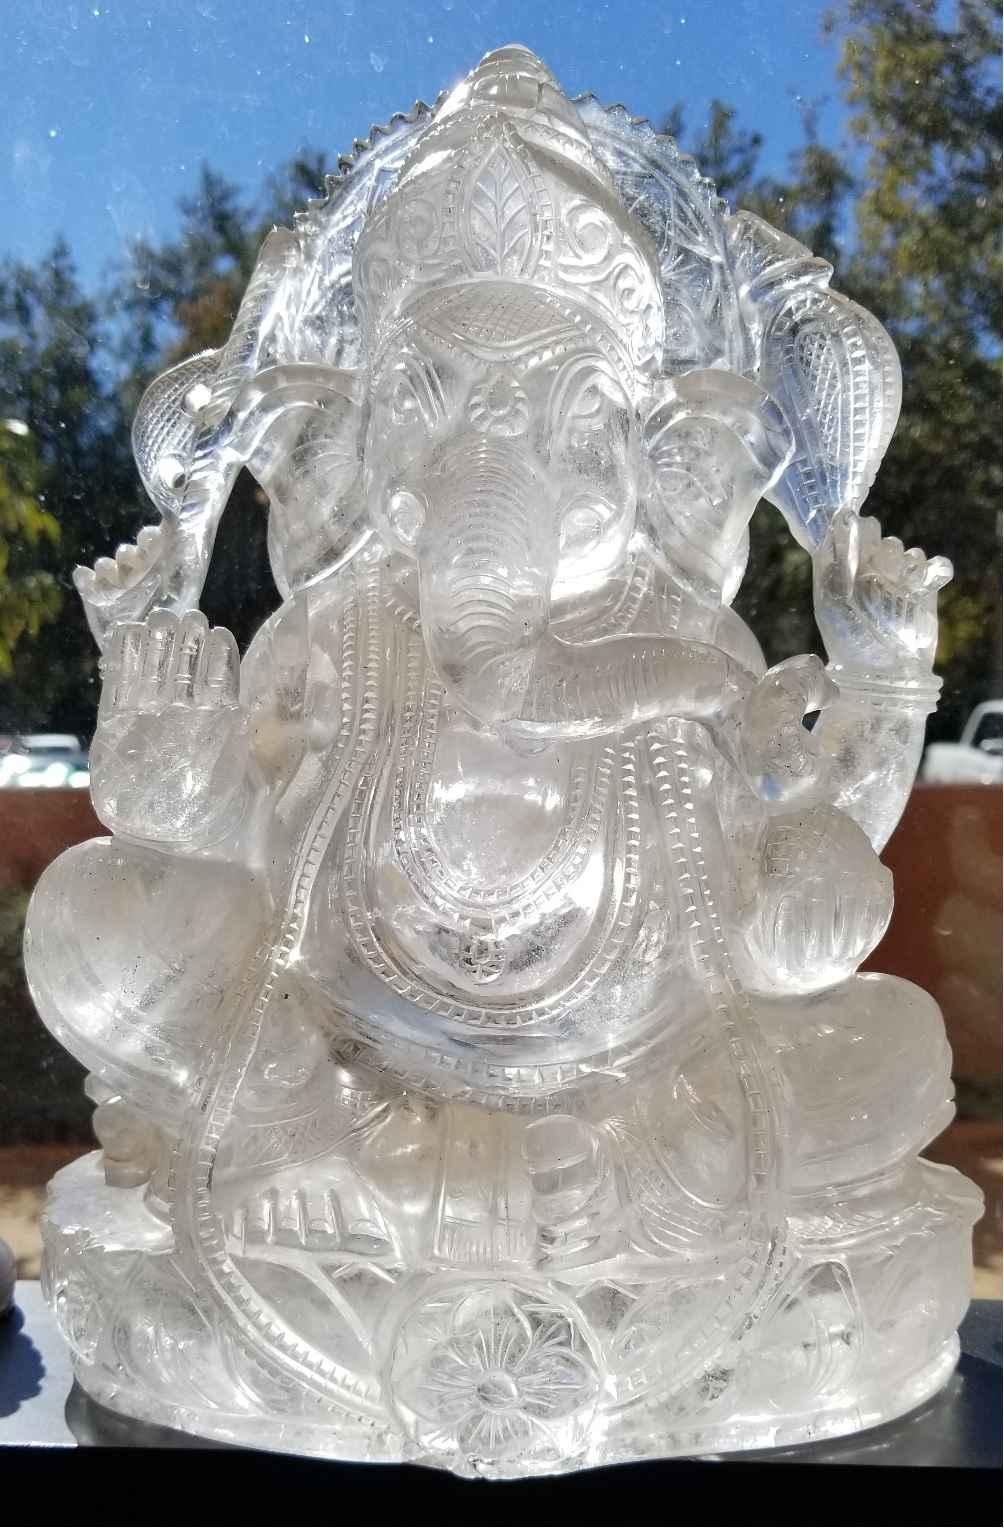 Ganesha Clear Quartz by   Starborn - Masterpiece Online